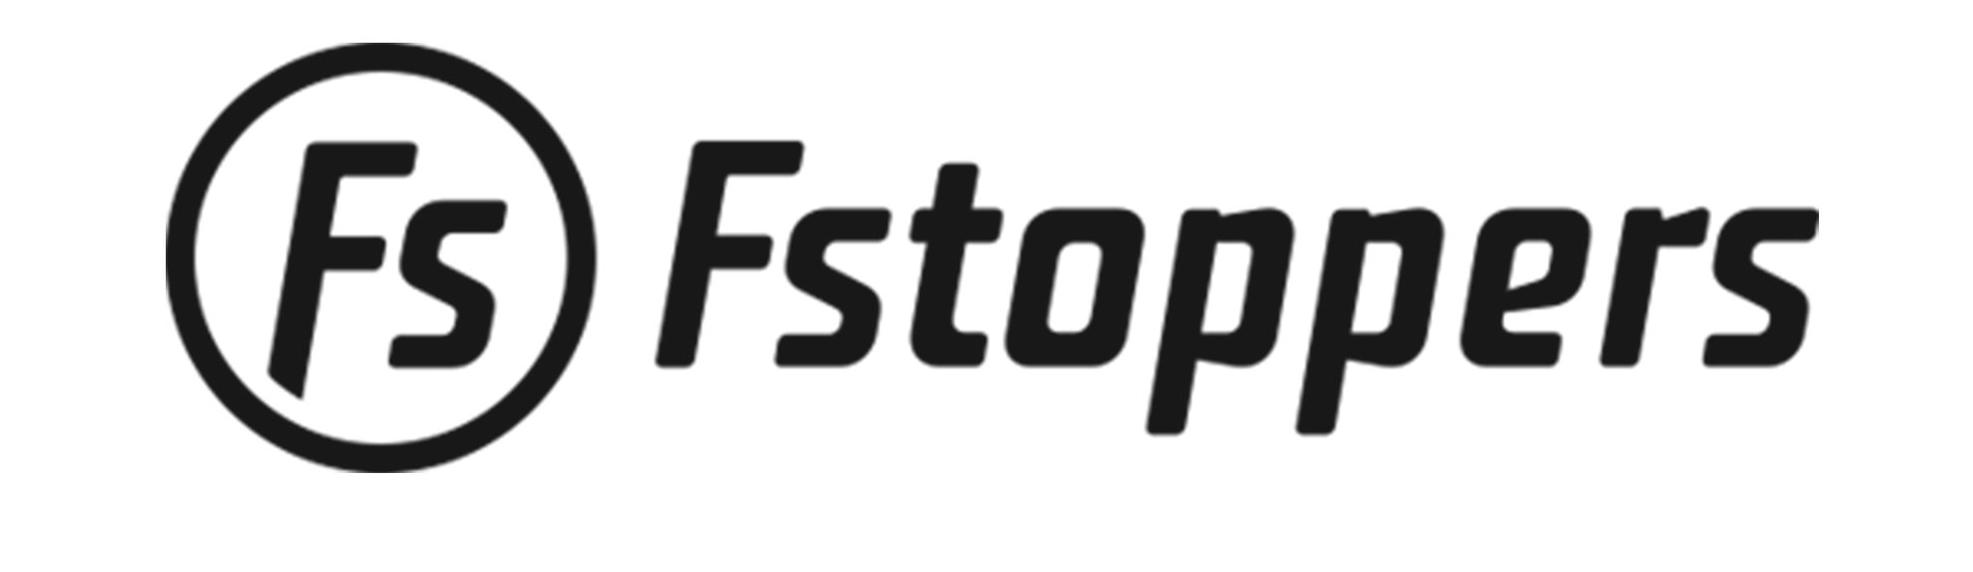 FsStopper.jpg